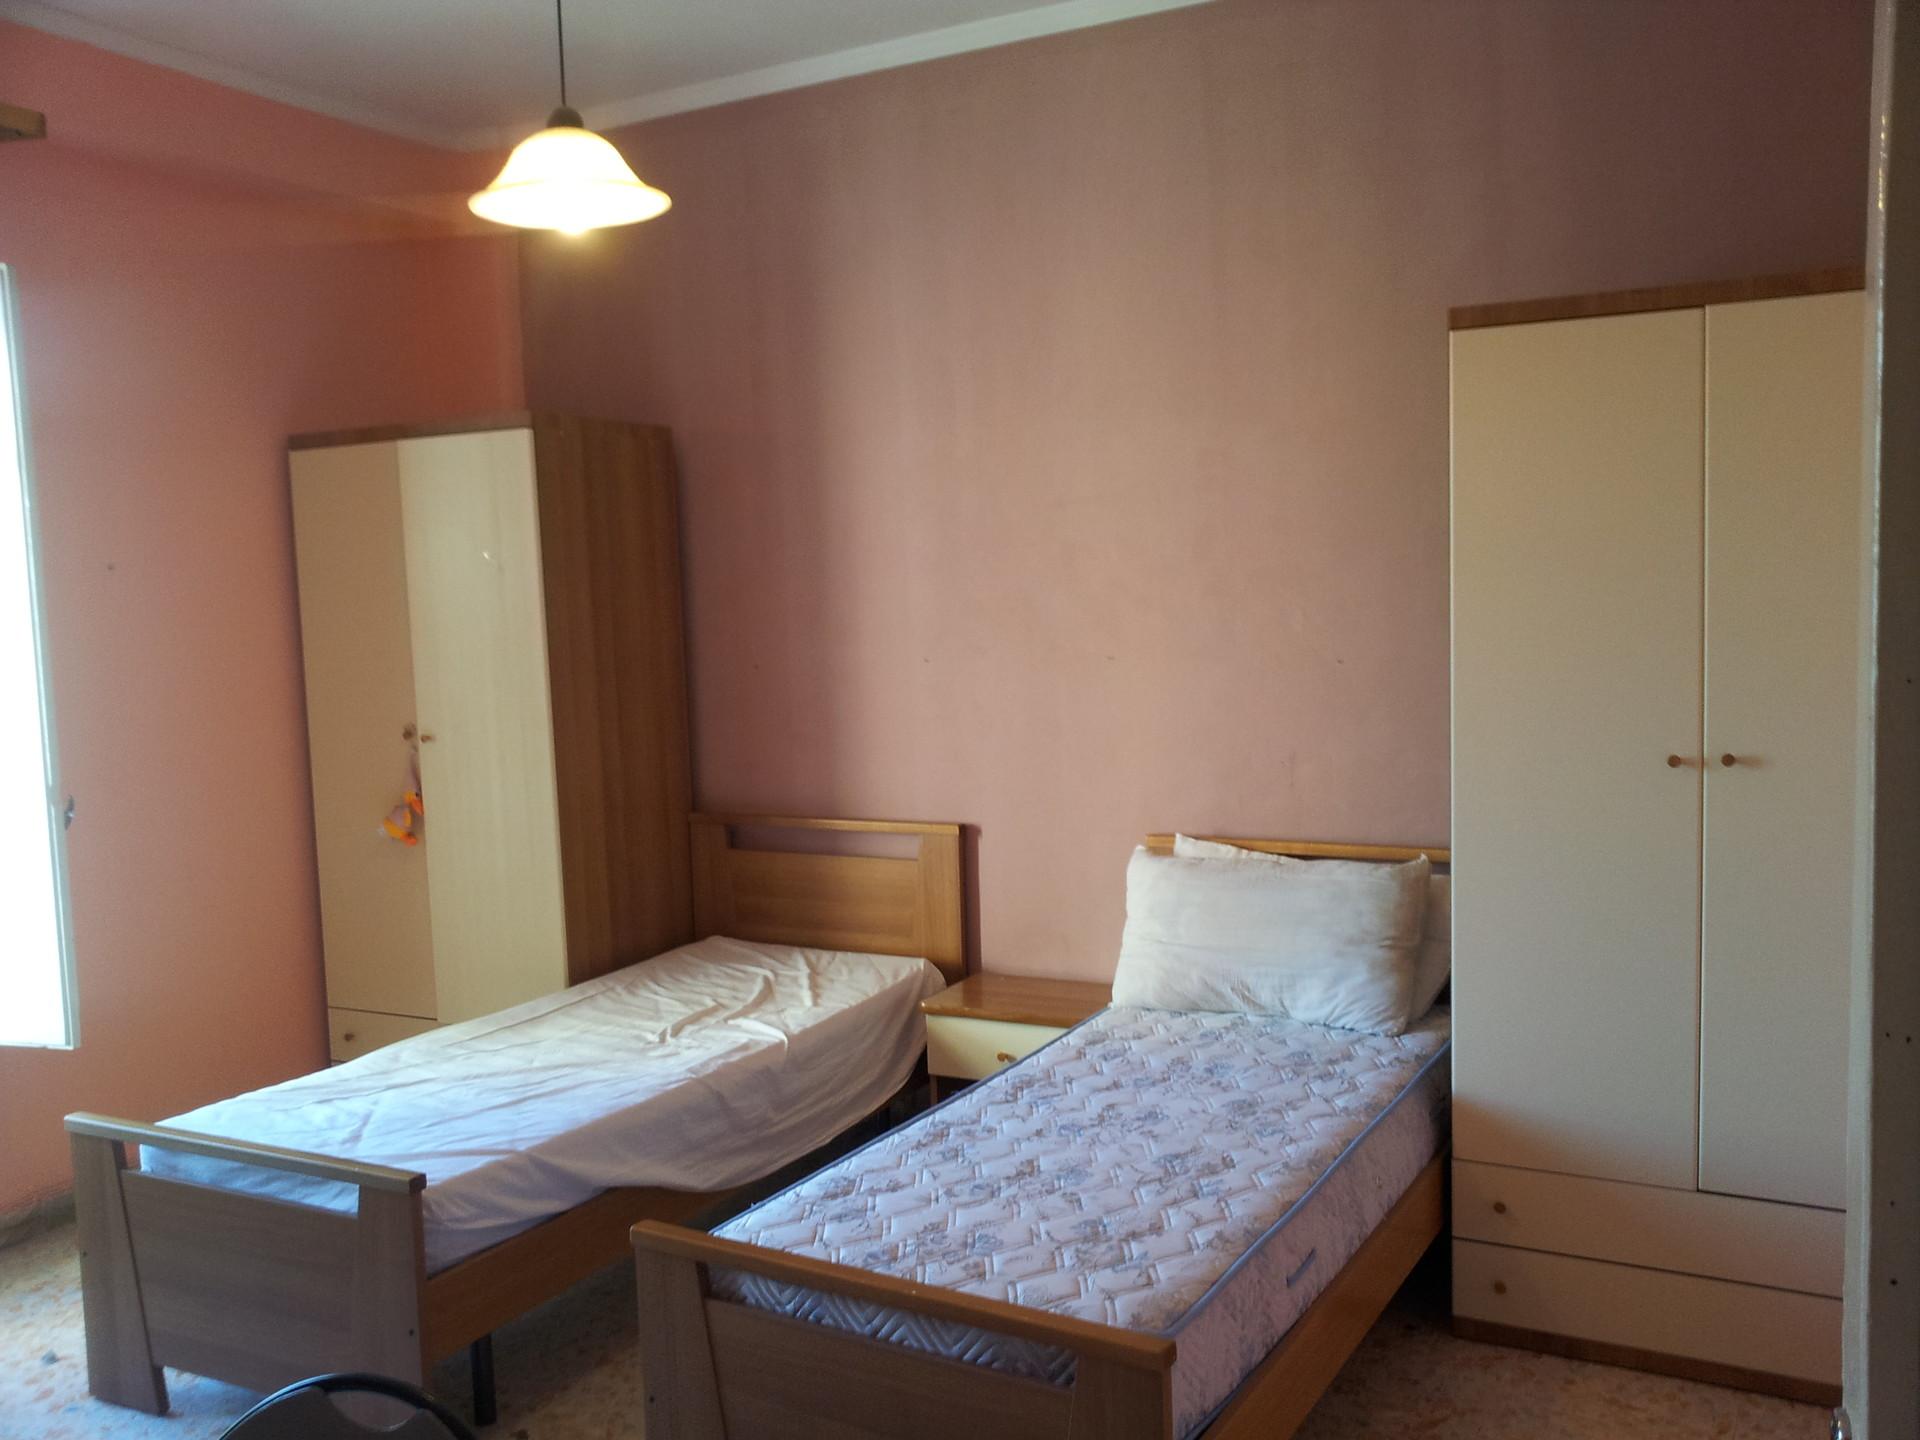 Via Vicenza, 12, 95127 Catania CT, Italy